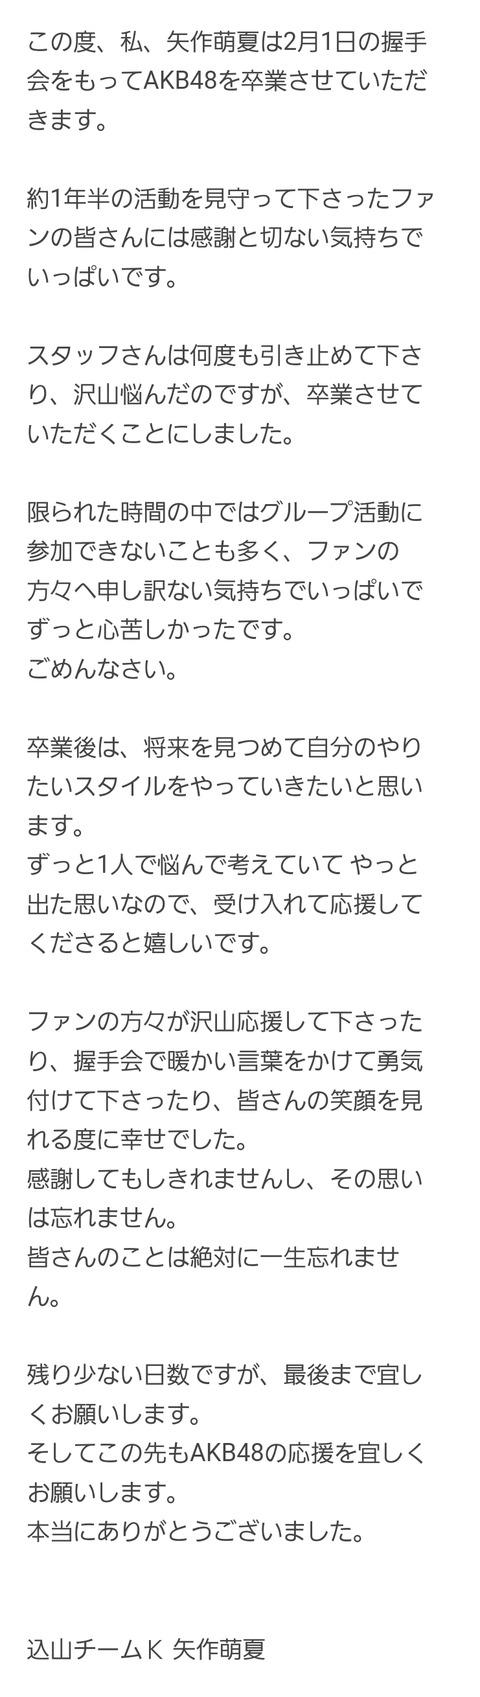 【AKB48】矢作萌夏さん、大した理由もなくセンターなのにたった1年半で卒業とかどうなの?